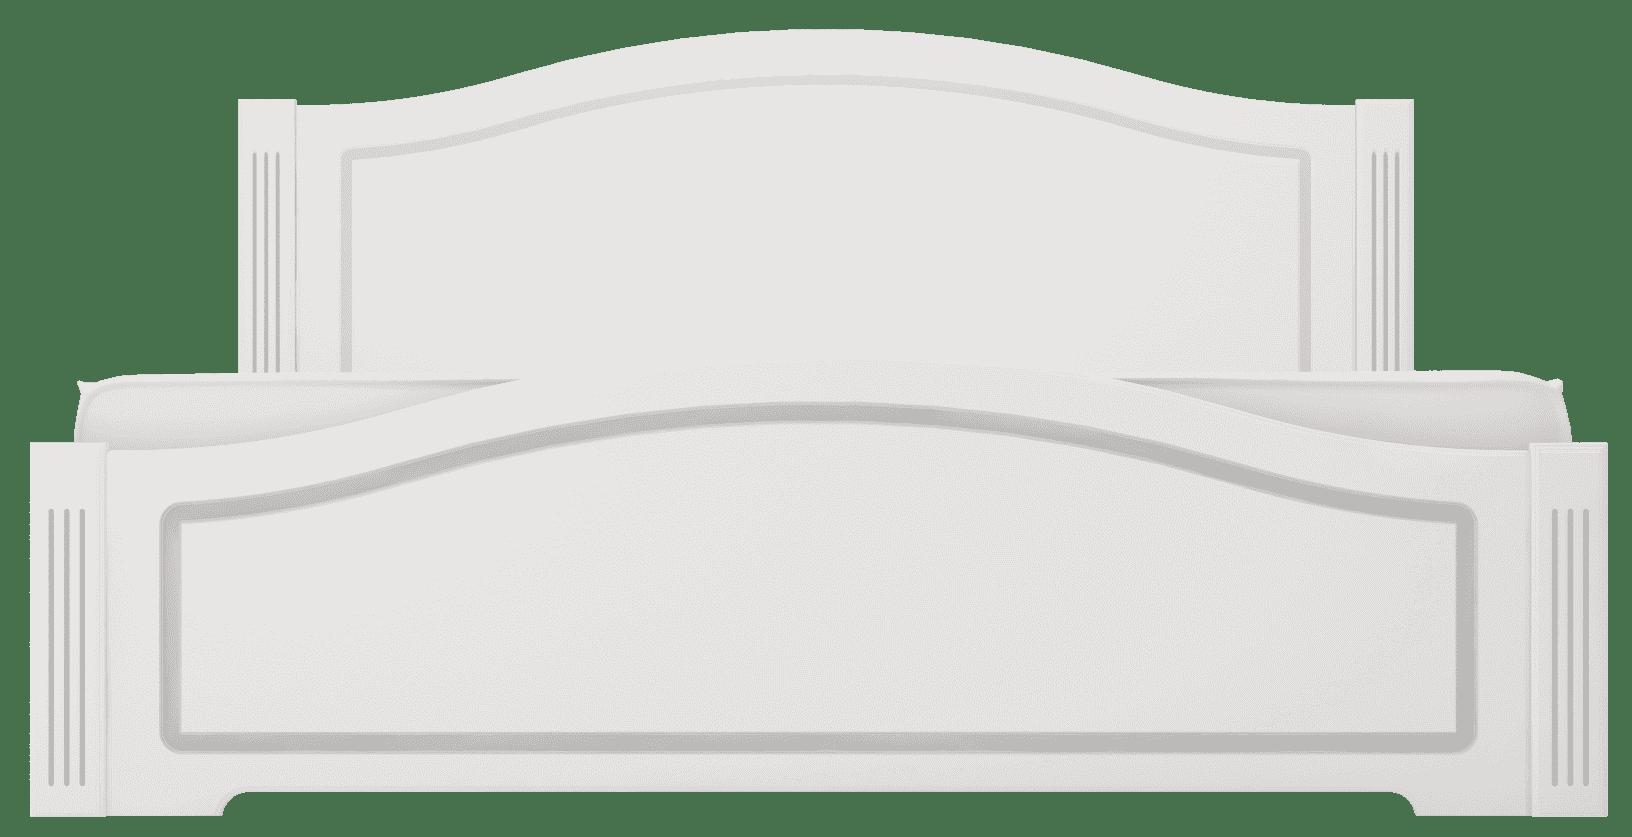 """Спальня Виктория (комплект 2) """"Ижмебель"""" - фото 19 Виктория кровать 180*200 см с латами, без матраса"""